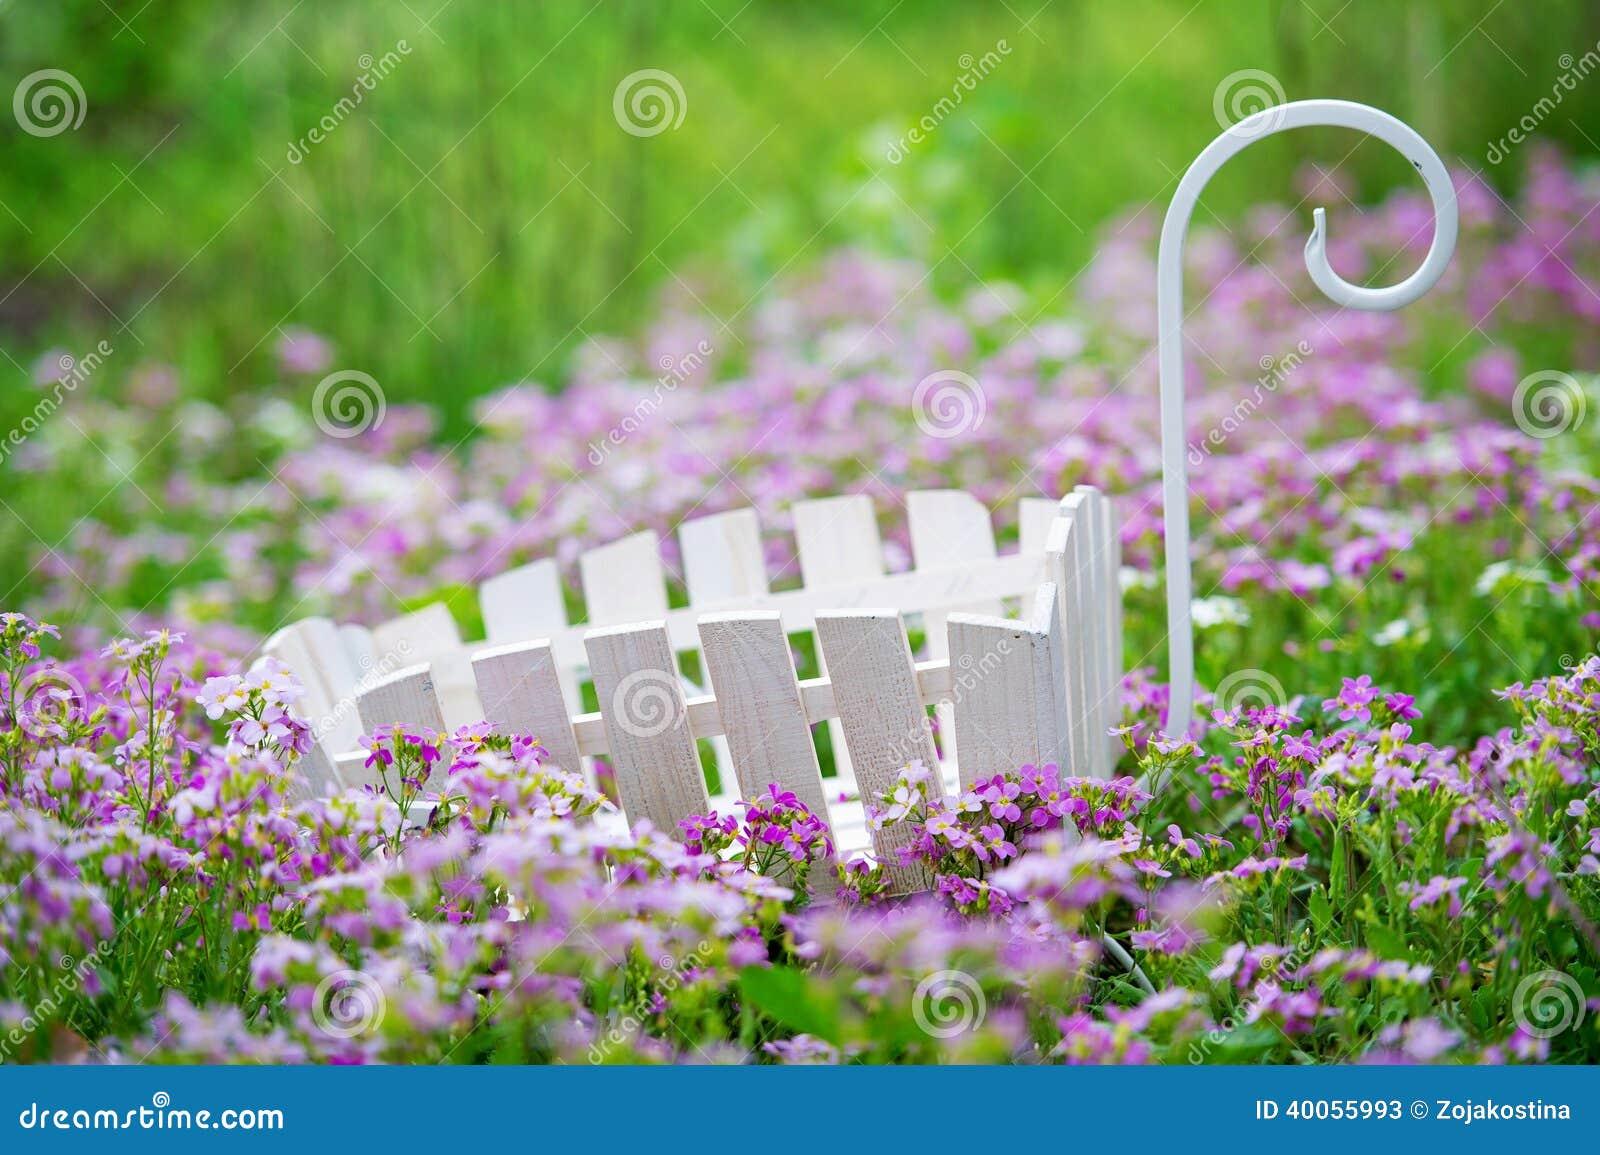 Gartendekoration Auf Dem Blumenrasen Stockbild Bild Von Bunt